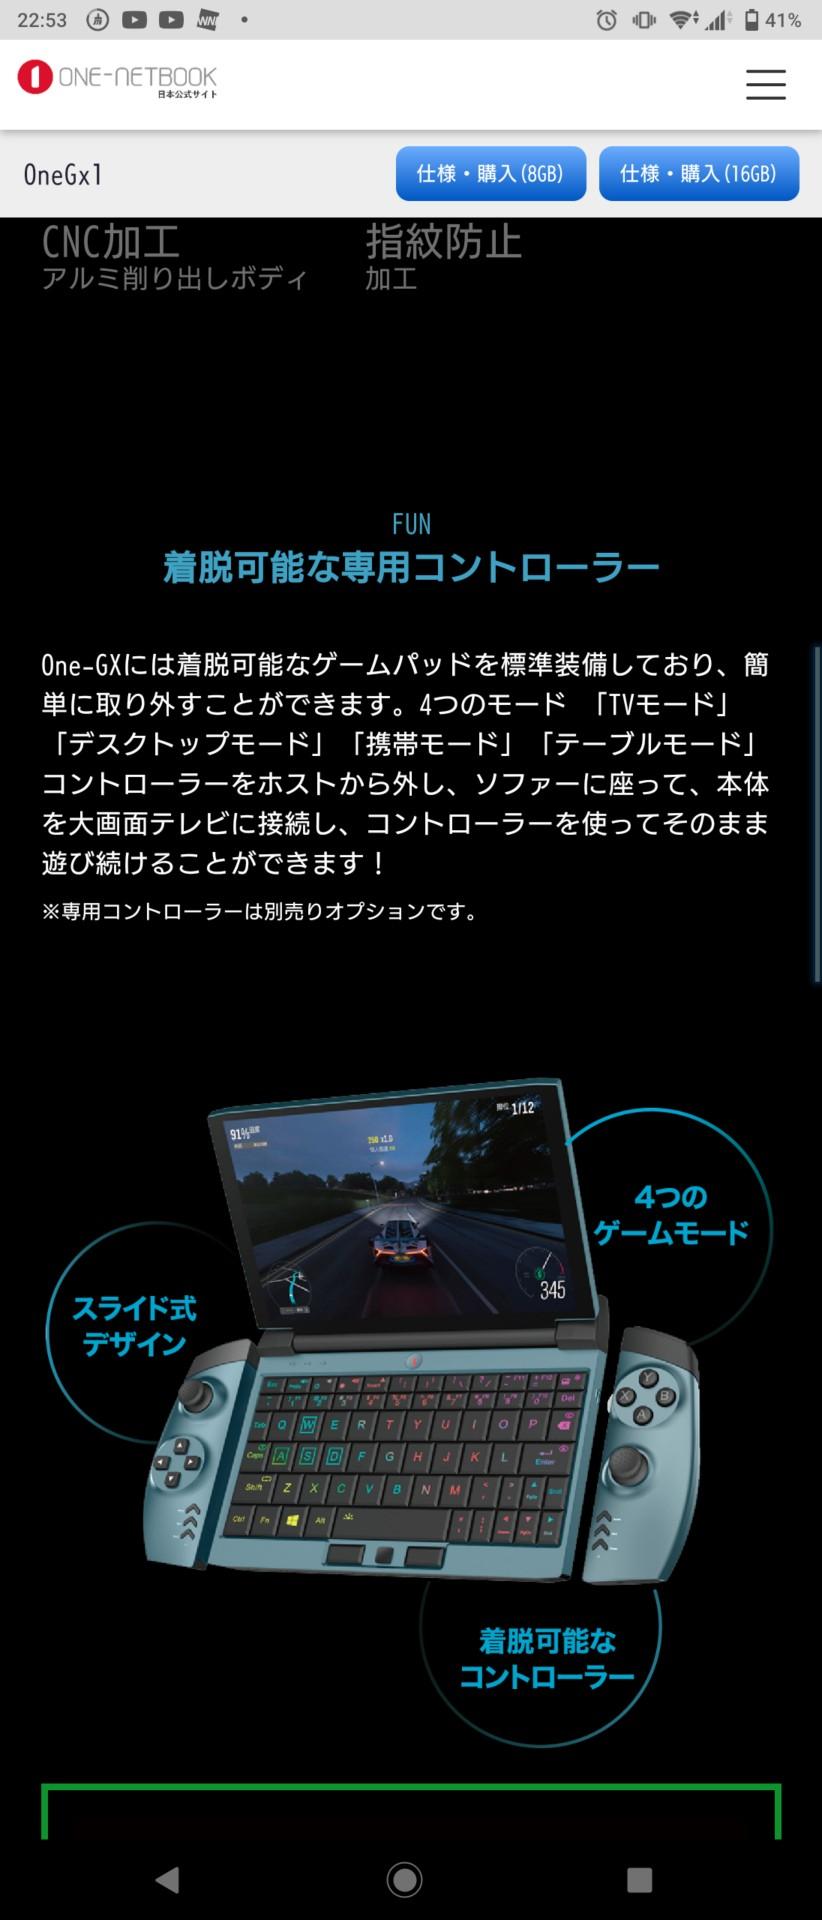 uSXl1ZG - 【スイッチ死亡】5G対応のゲーム機 ONE-GXが登場!!新たな伝説が始まる...